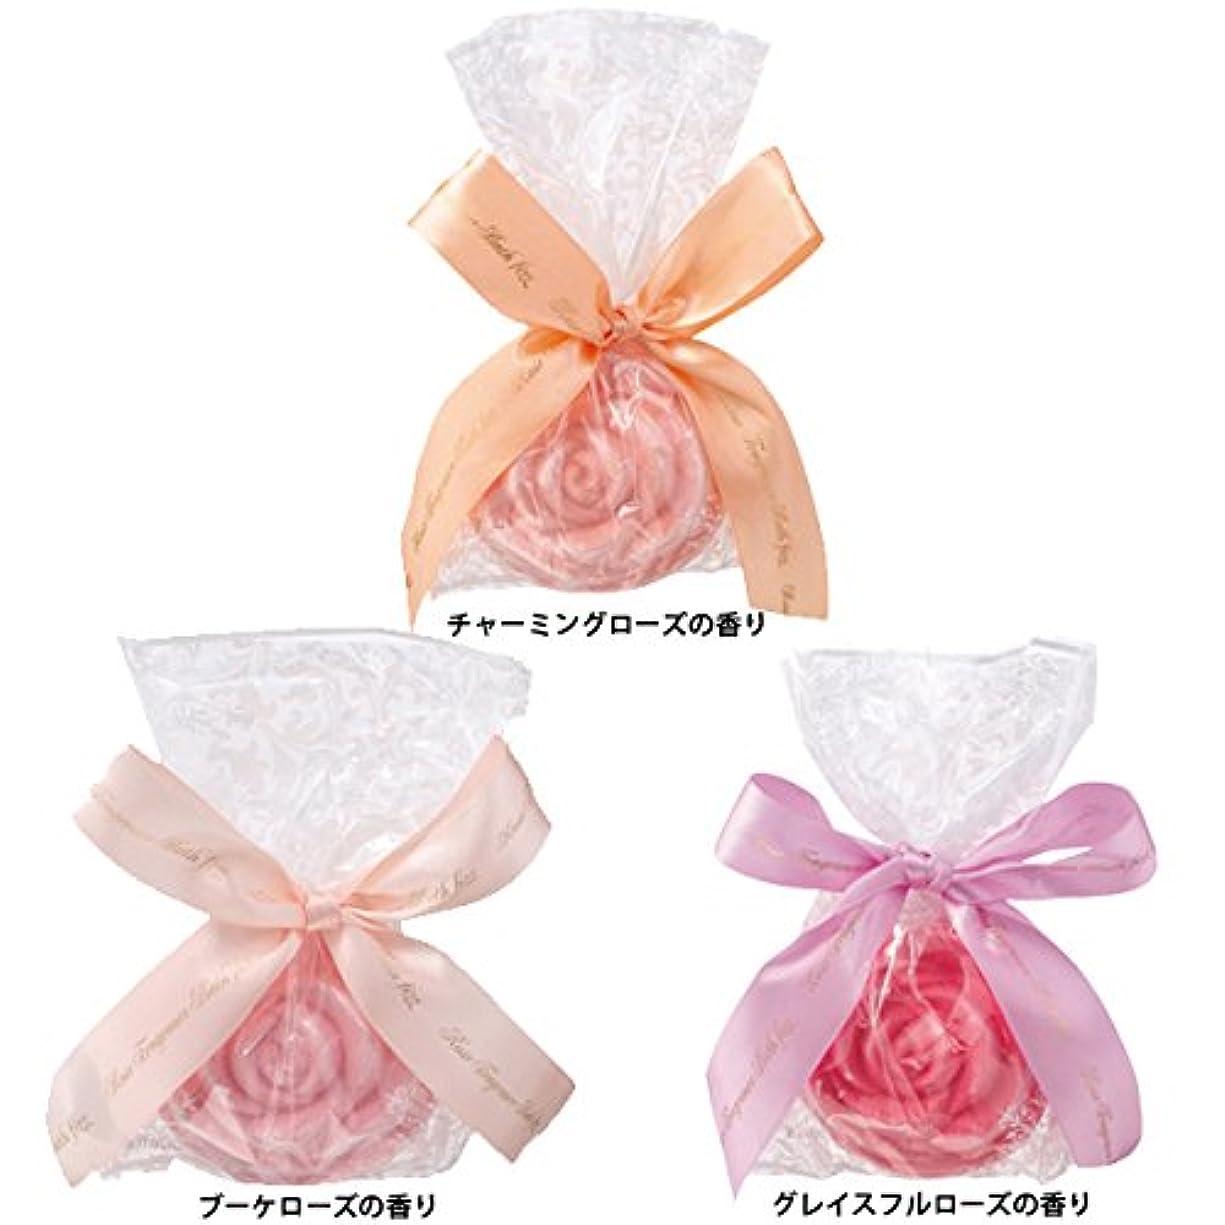 素敵な取得する解釈的(内野)UCHINO ノルコーポレーション ローズフレグランスソープ P(ブーケローズの香り)